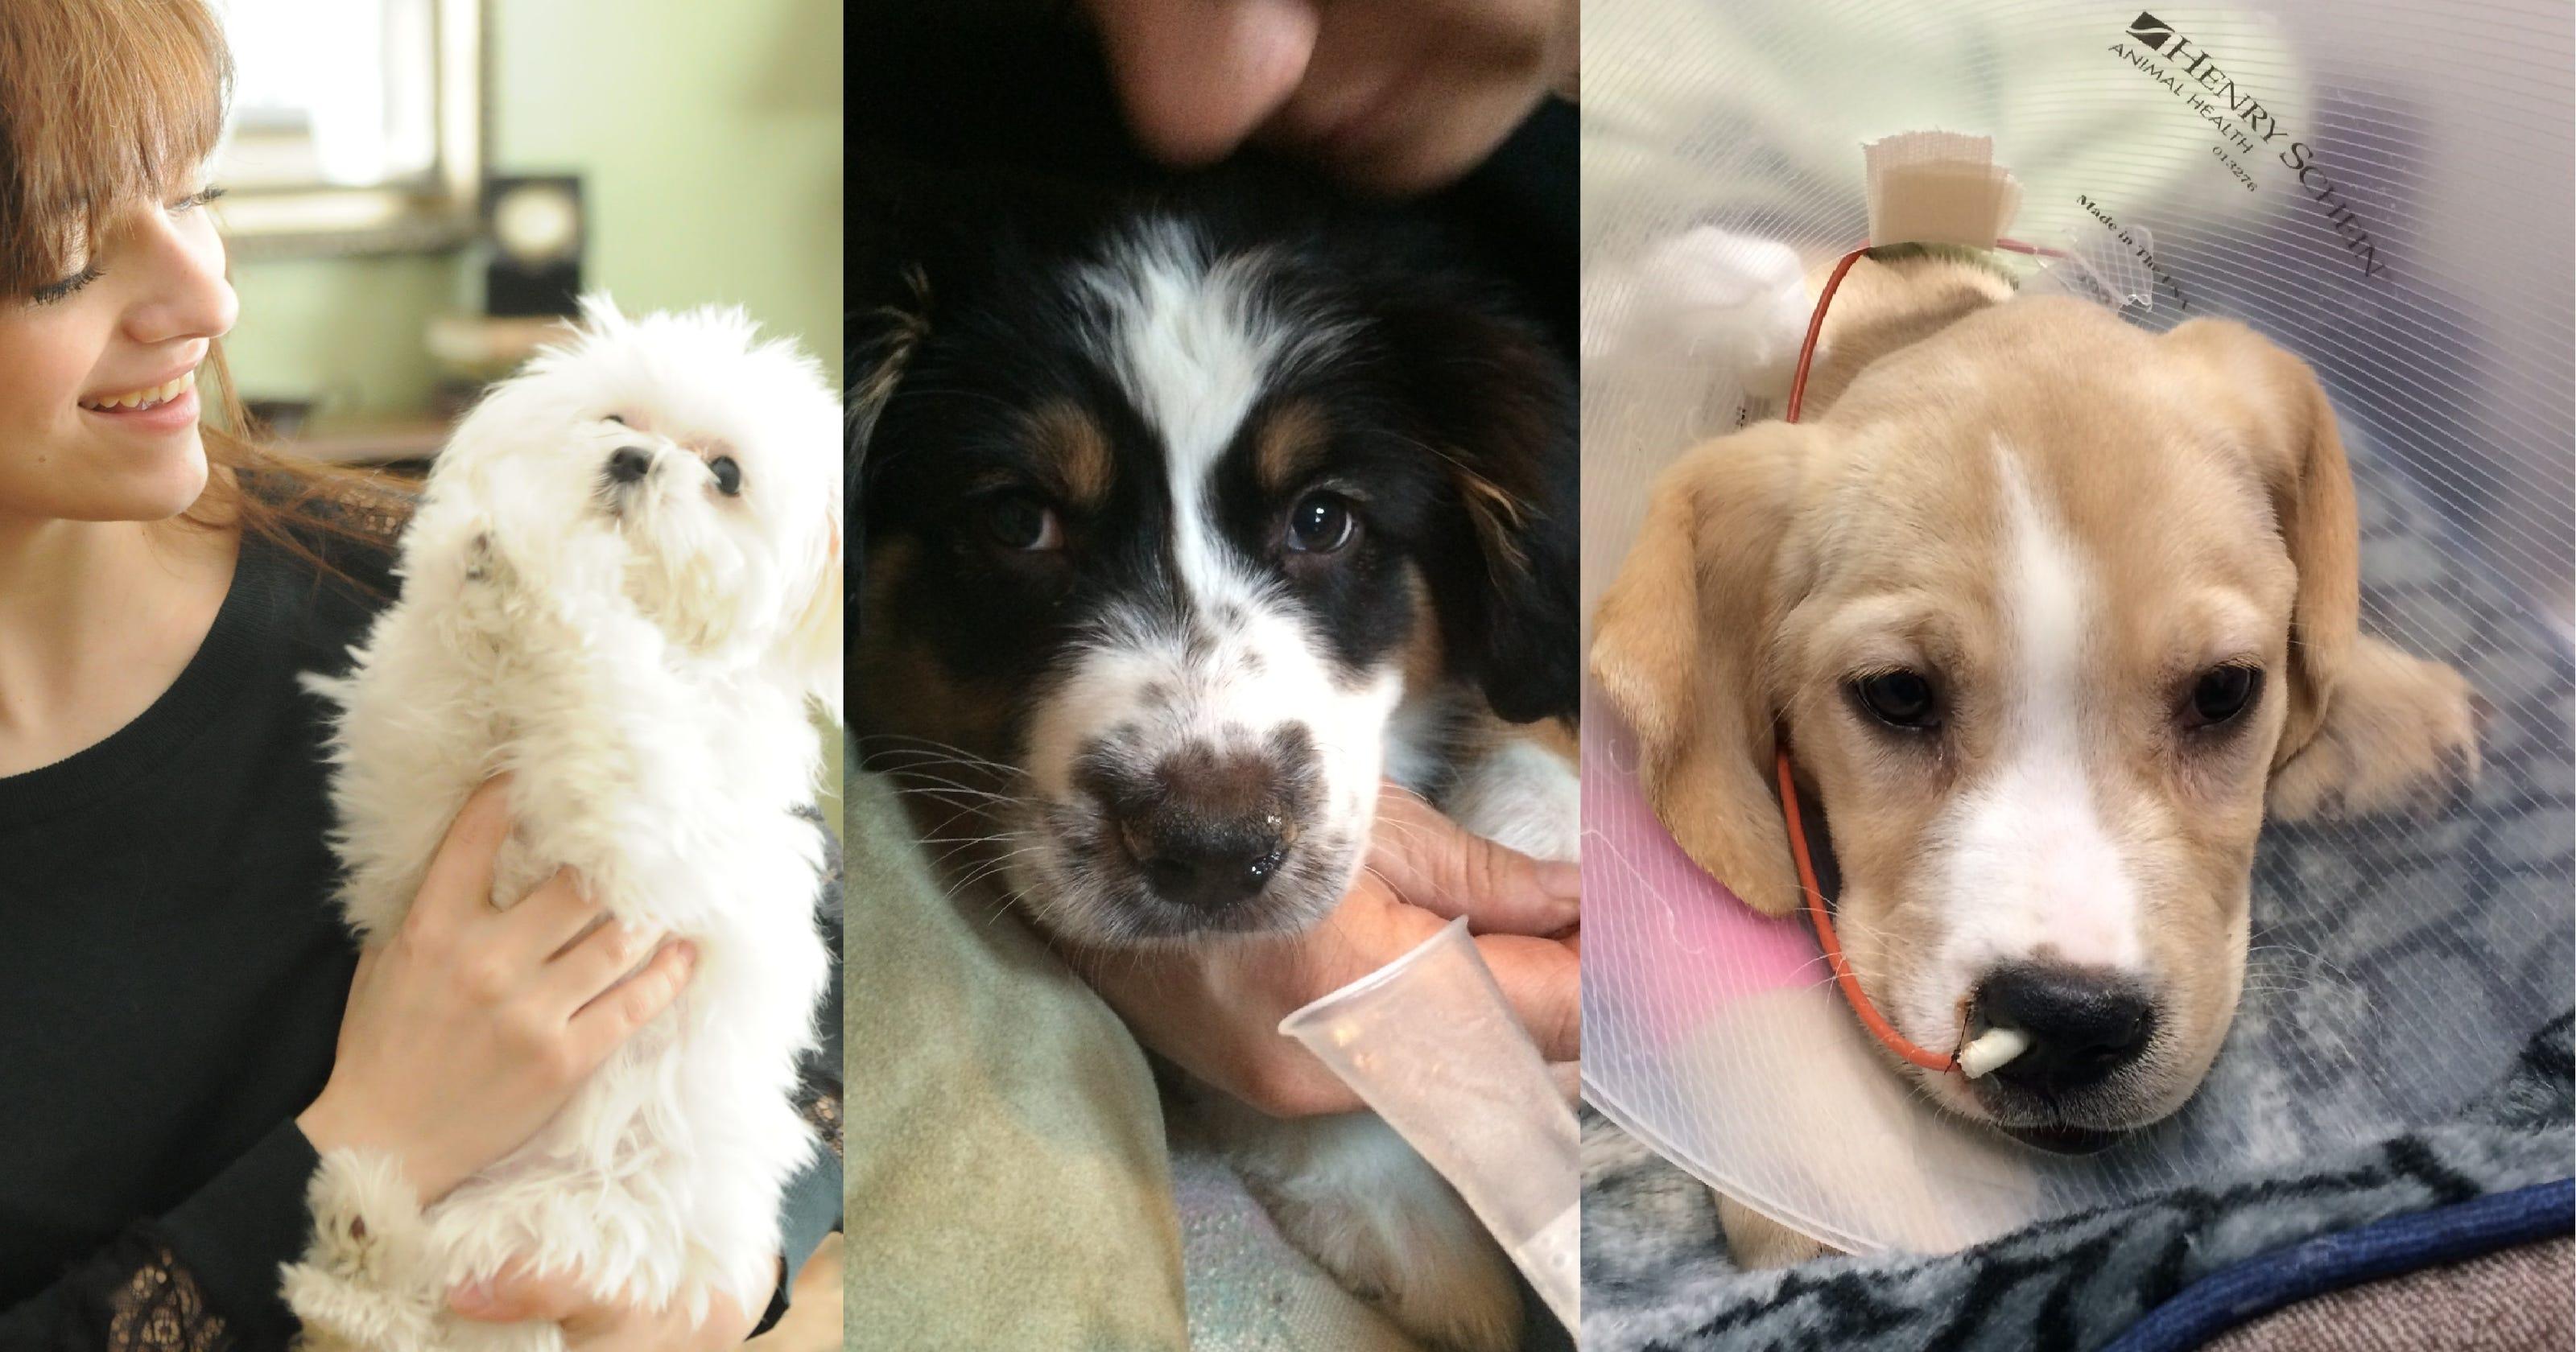 Vet bills soar when pet-store pups get sick